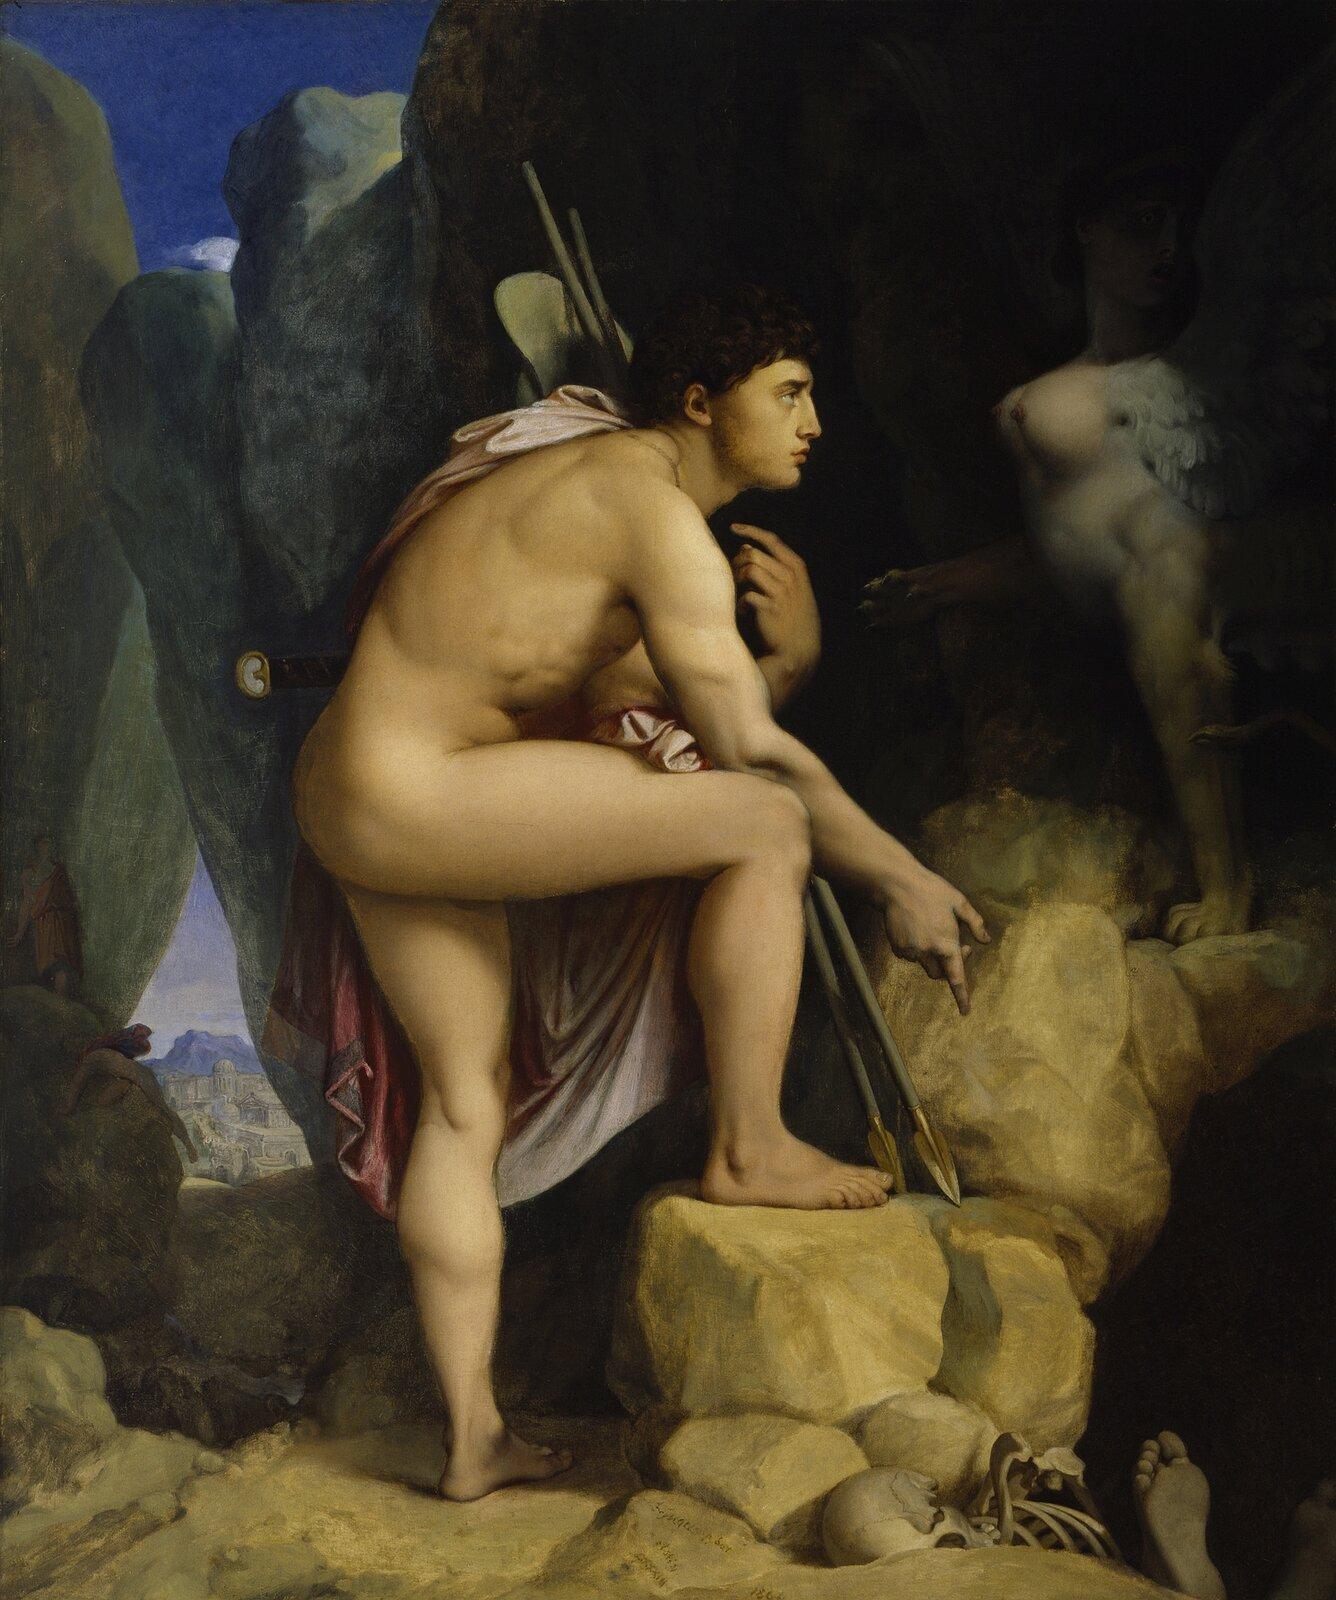 """Ilustracja przedstawia pracę Jean Auguste Dominique Ingres pod tytułem """"Edyp iSfinks"""". Ilustracja przedstawia nagiego Edypa, który ma przy sobie włócznię oraz szatę przerzuconą przez ramię. Edyp spotyka Sfinksa, który ma tors oraz głowę urodziwej kobiety. Edyp wraz ze Sfinksem znajdują się wgórach, koło jaskini. Pod kamieniami widoczne są kości oraz nogi człowieka."""